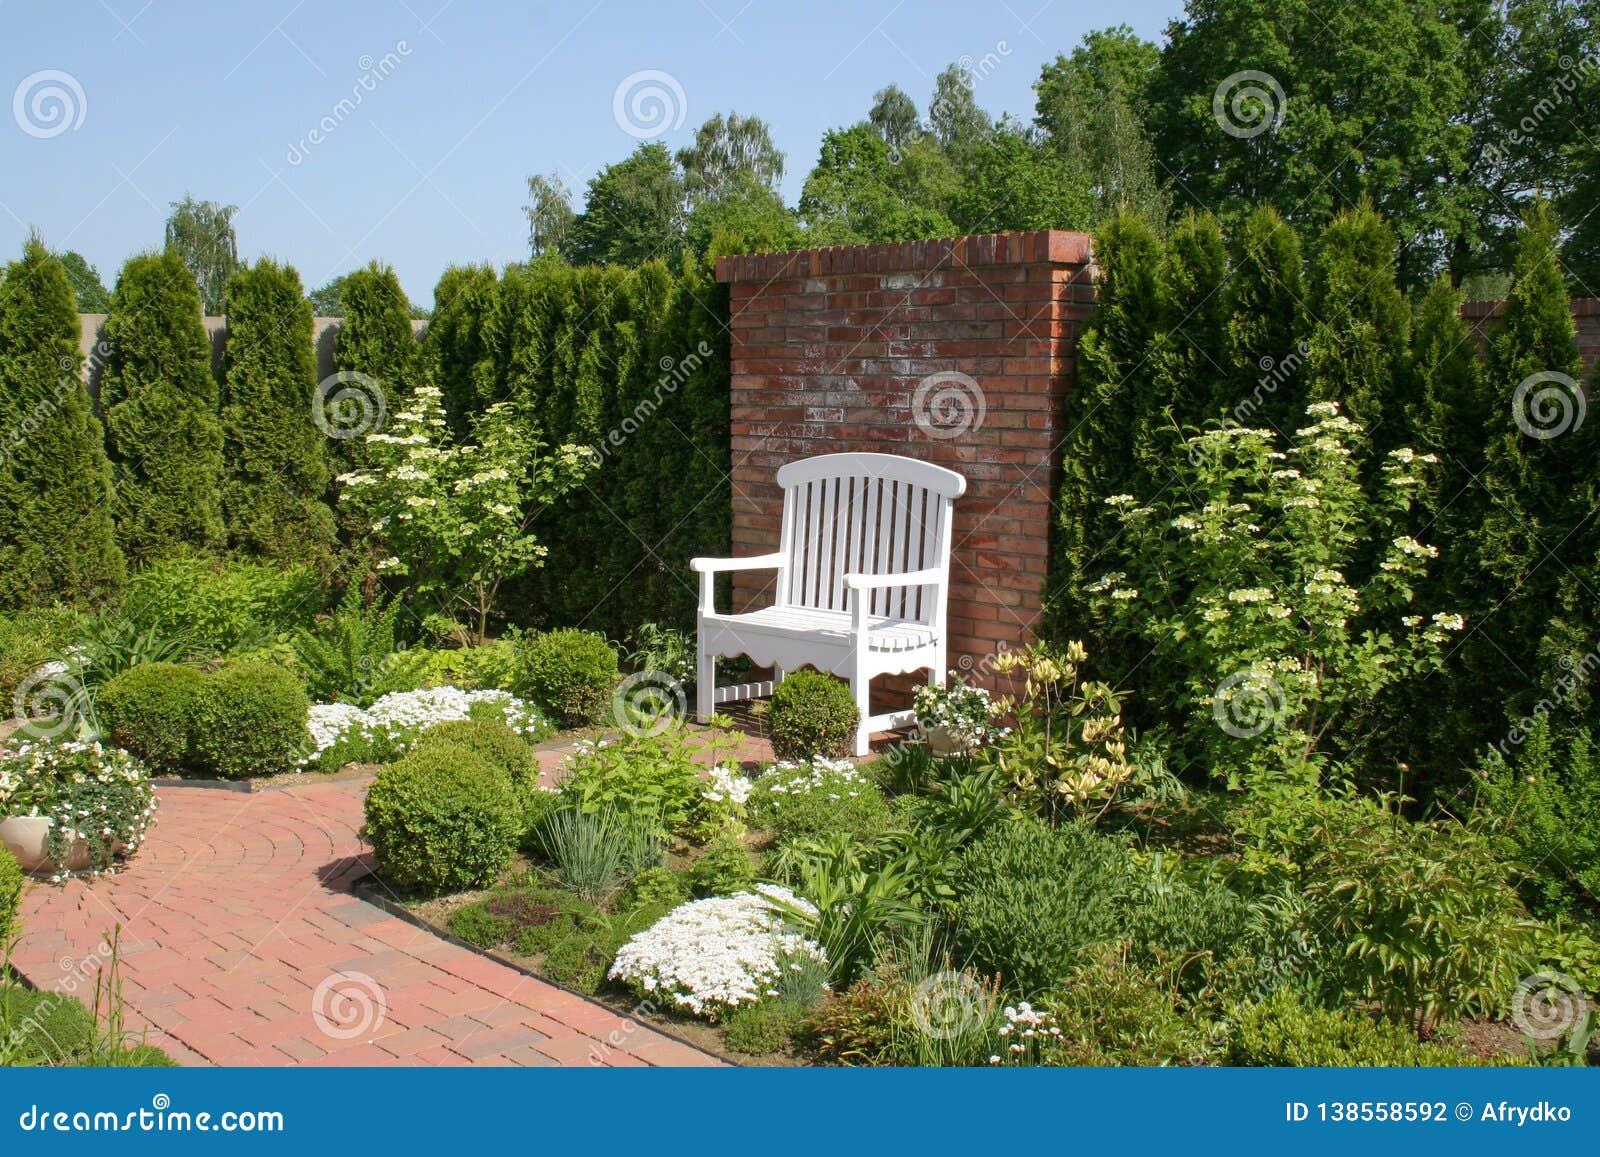 Ένας άσπρος διακοσμητικός πάγκος από έναν τουβλότοιχο που περιβάλλεται από έναν όμορφο ρομαντικό κήπο